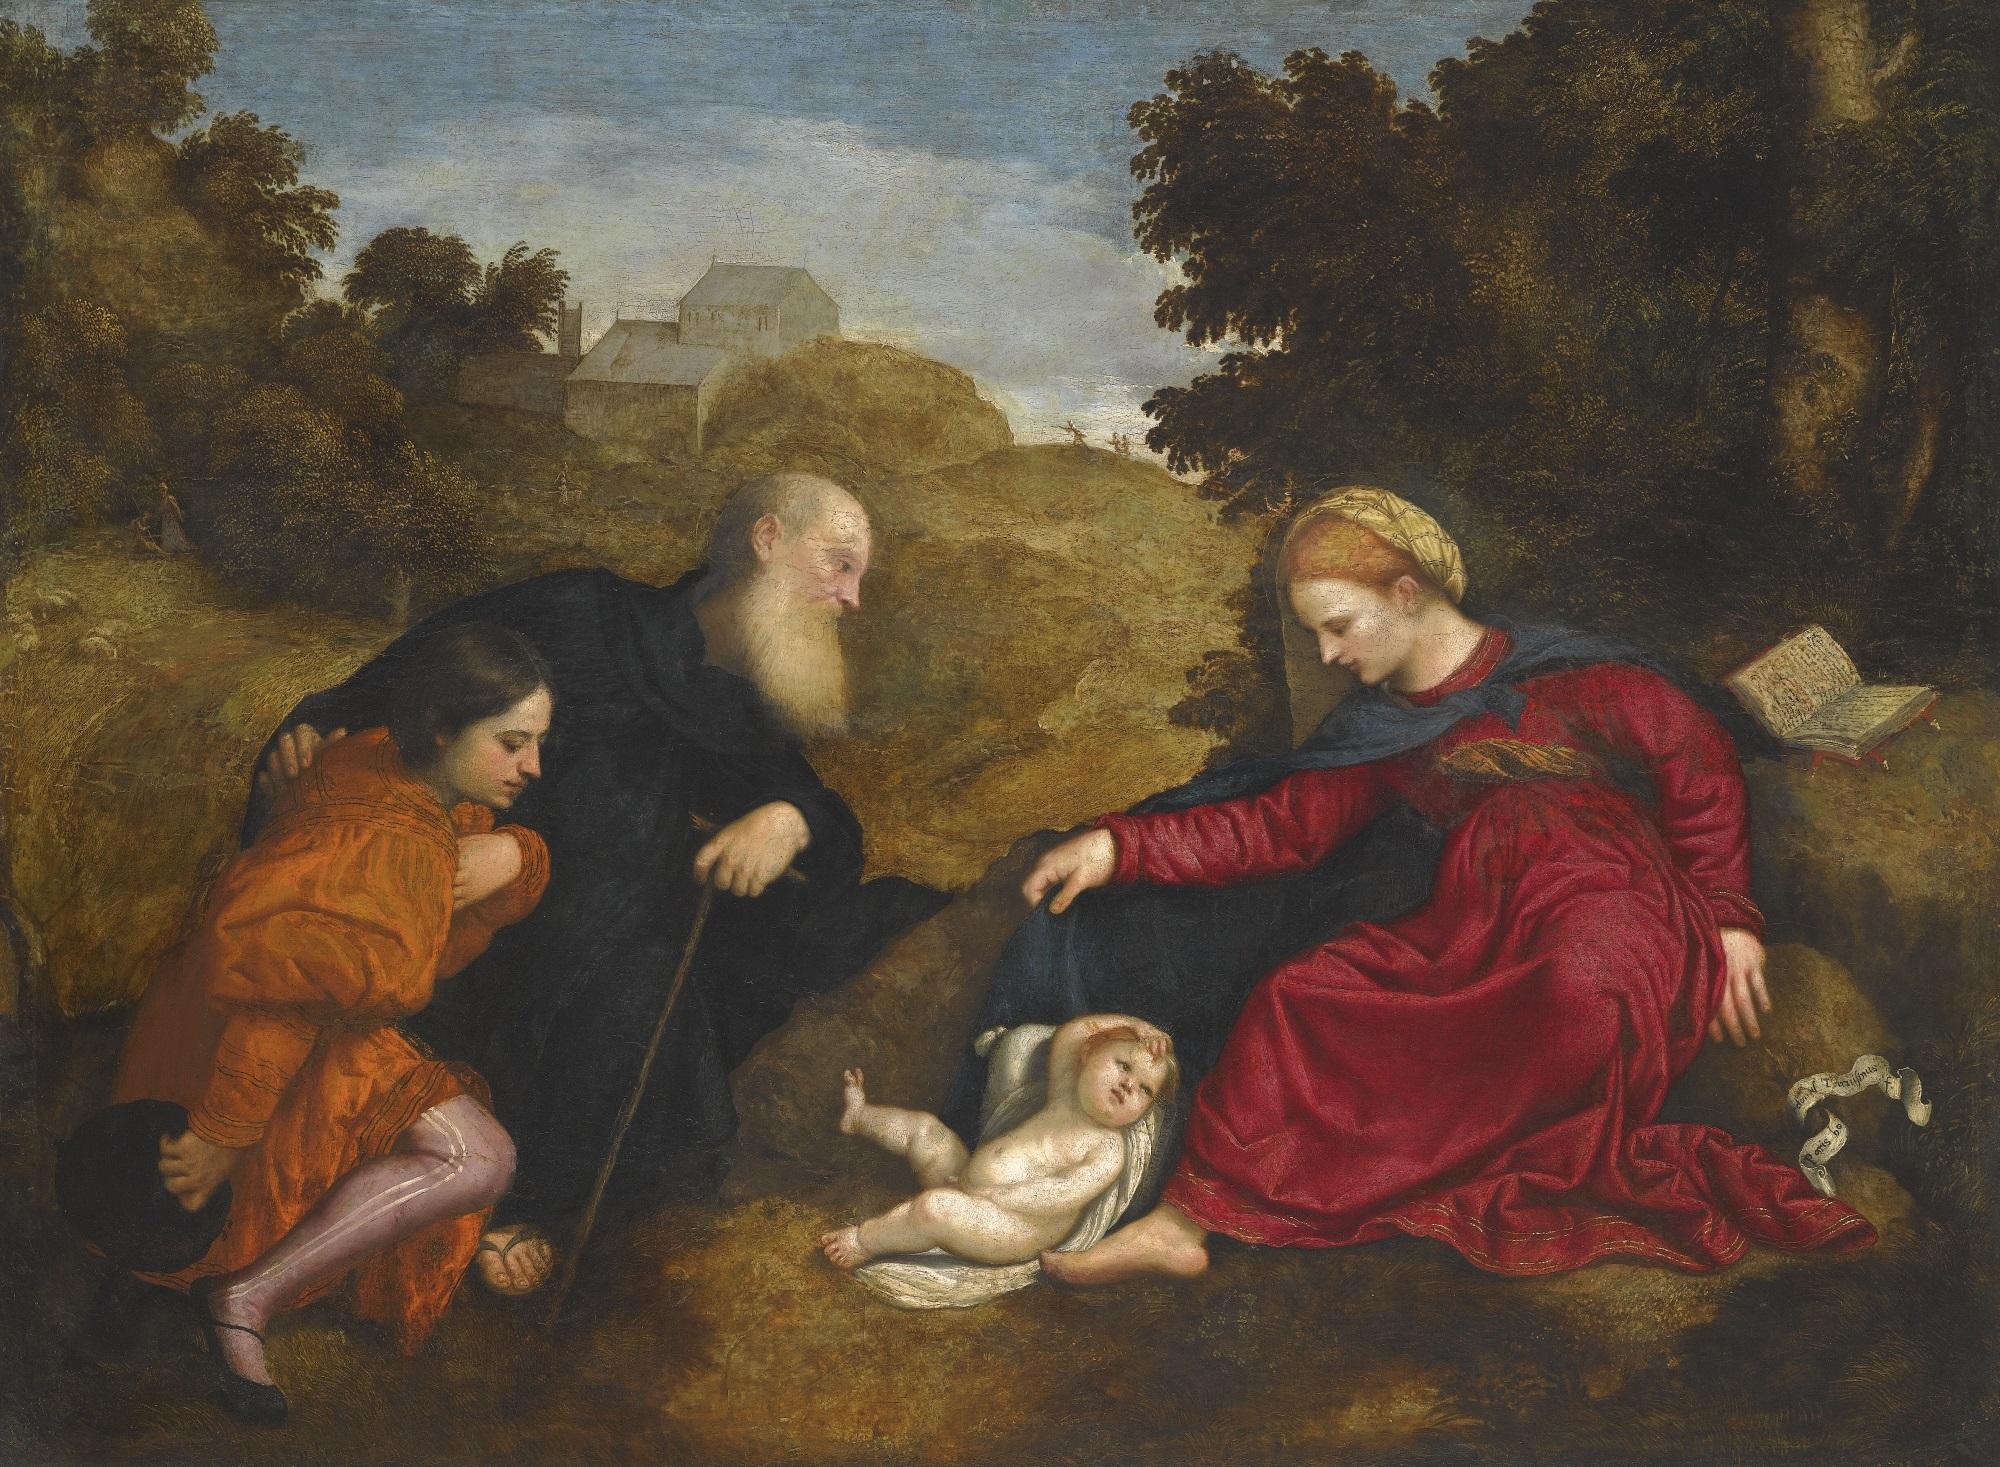 _VSD 1520-71 Paris_Bordone_-_Madonna_con_Bambino_e_Sant'Antonio_e_un_giovane_donatore coll privee